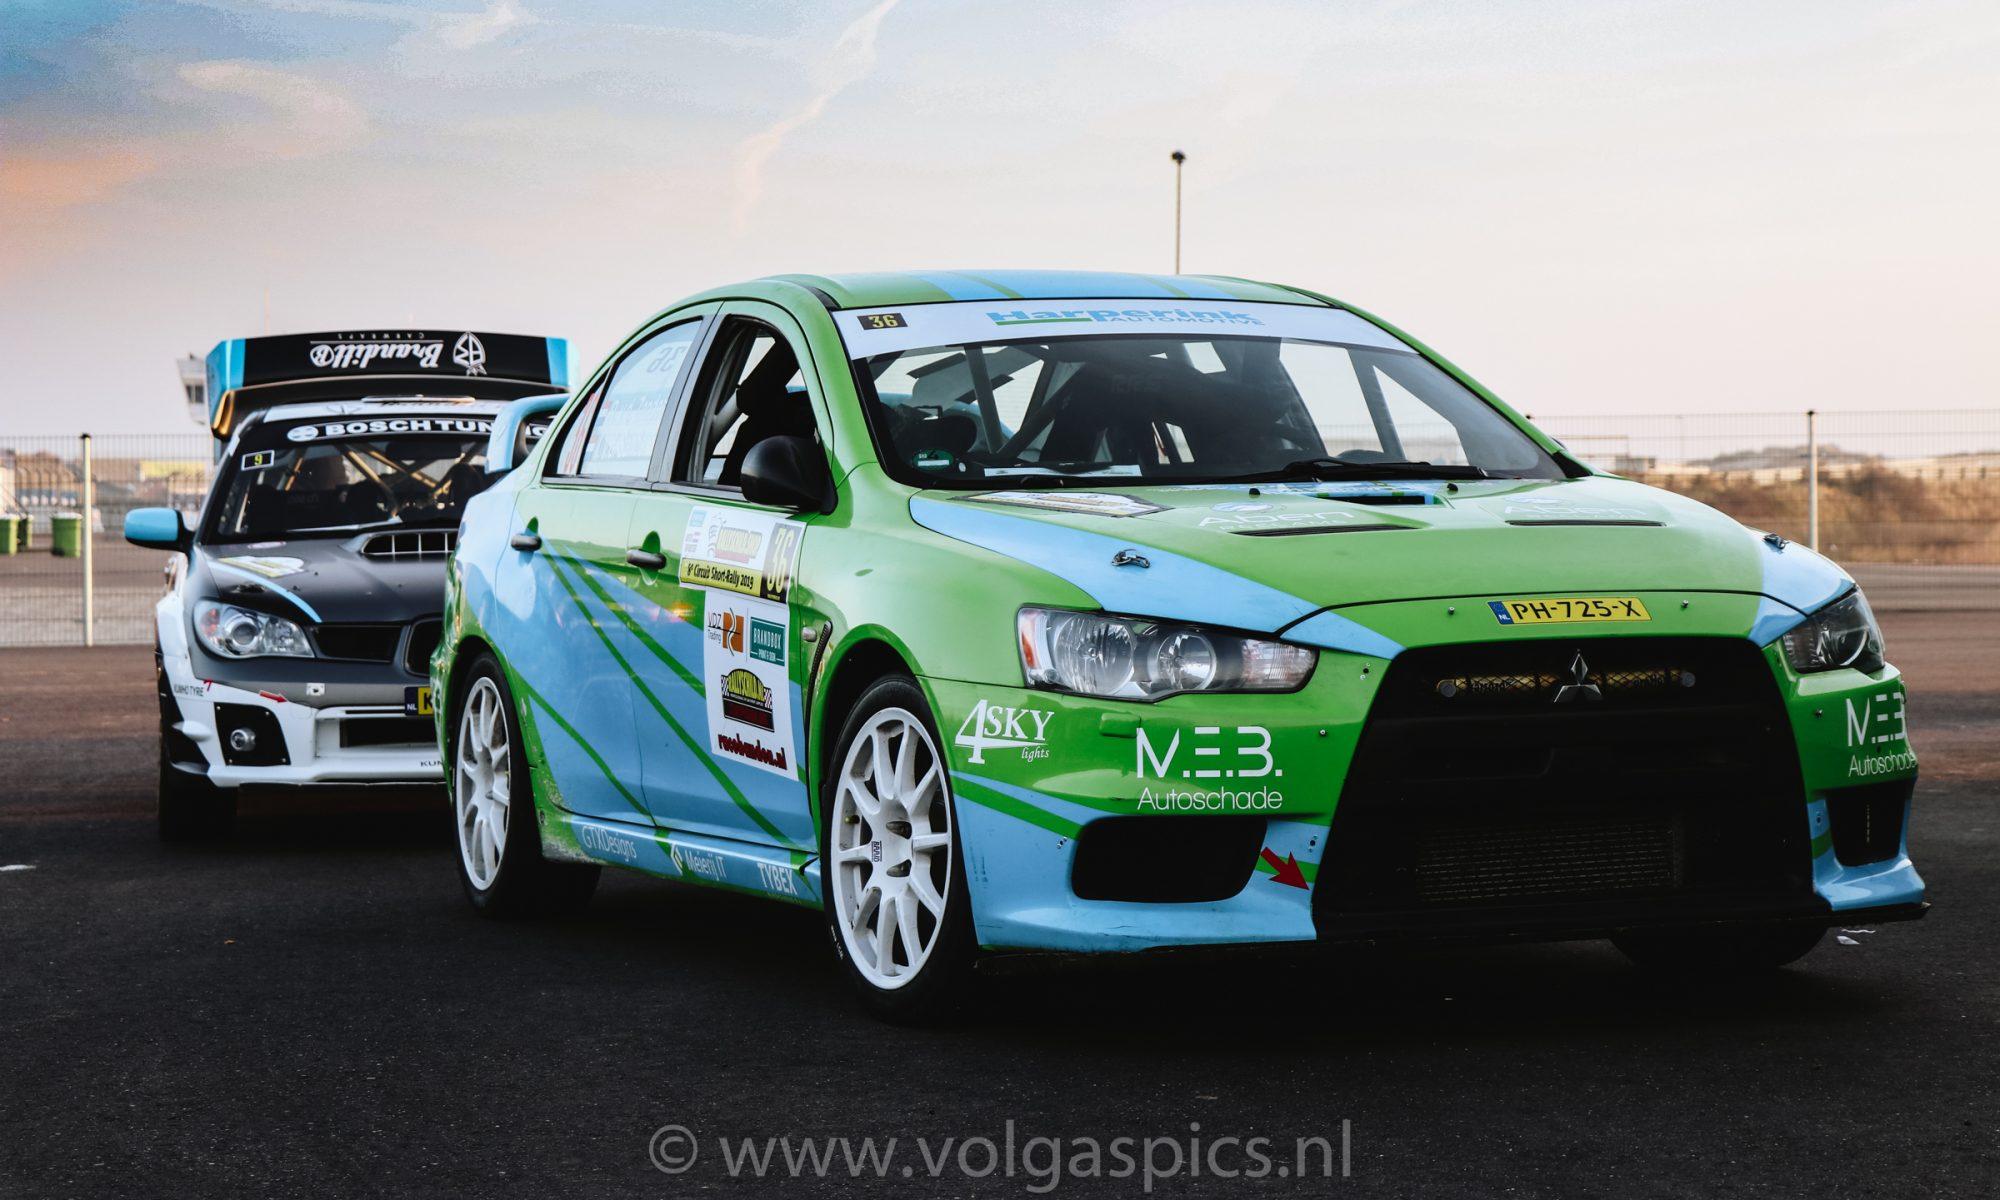 Stichting Rallysport Nederland